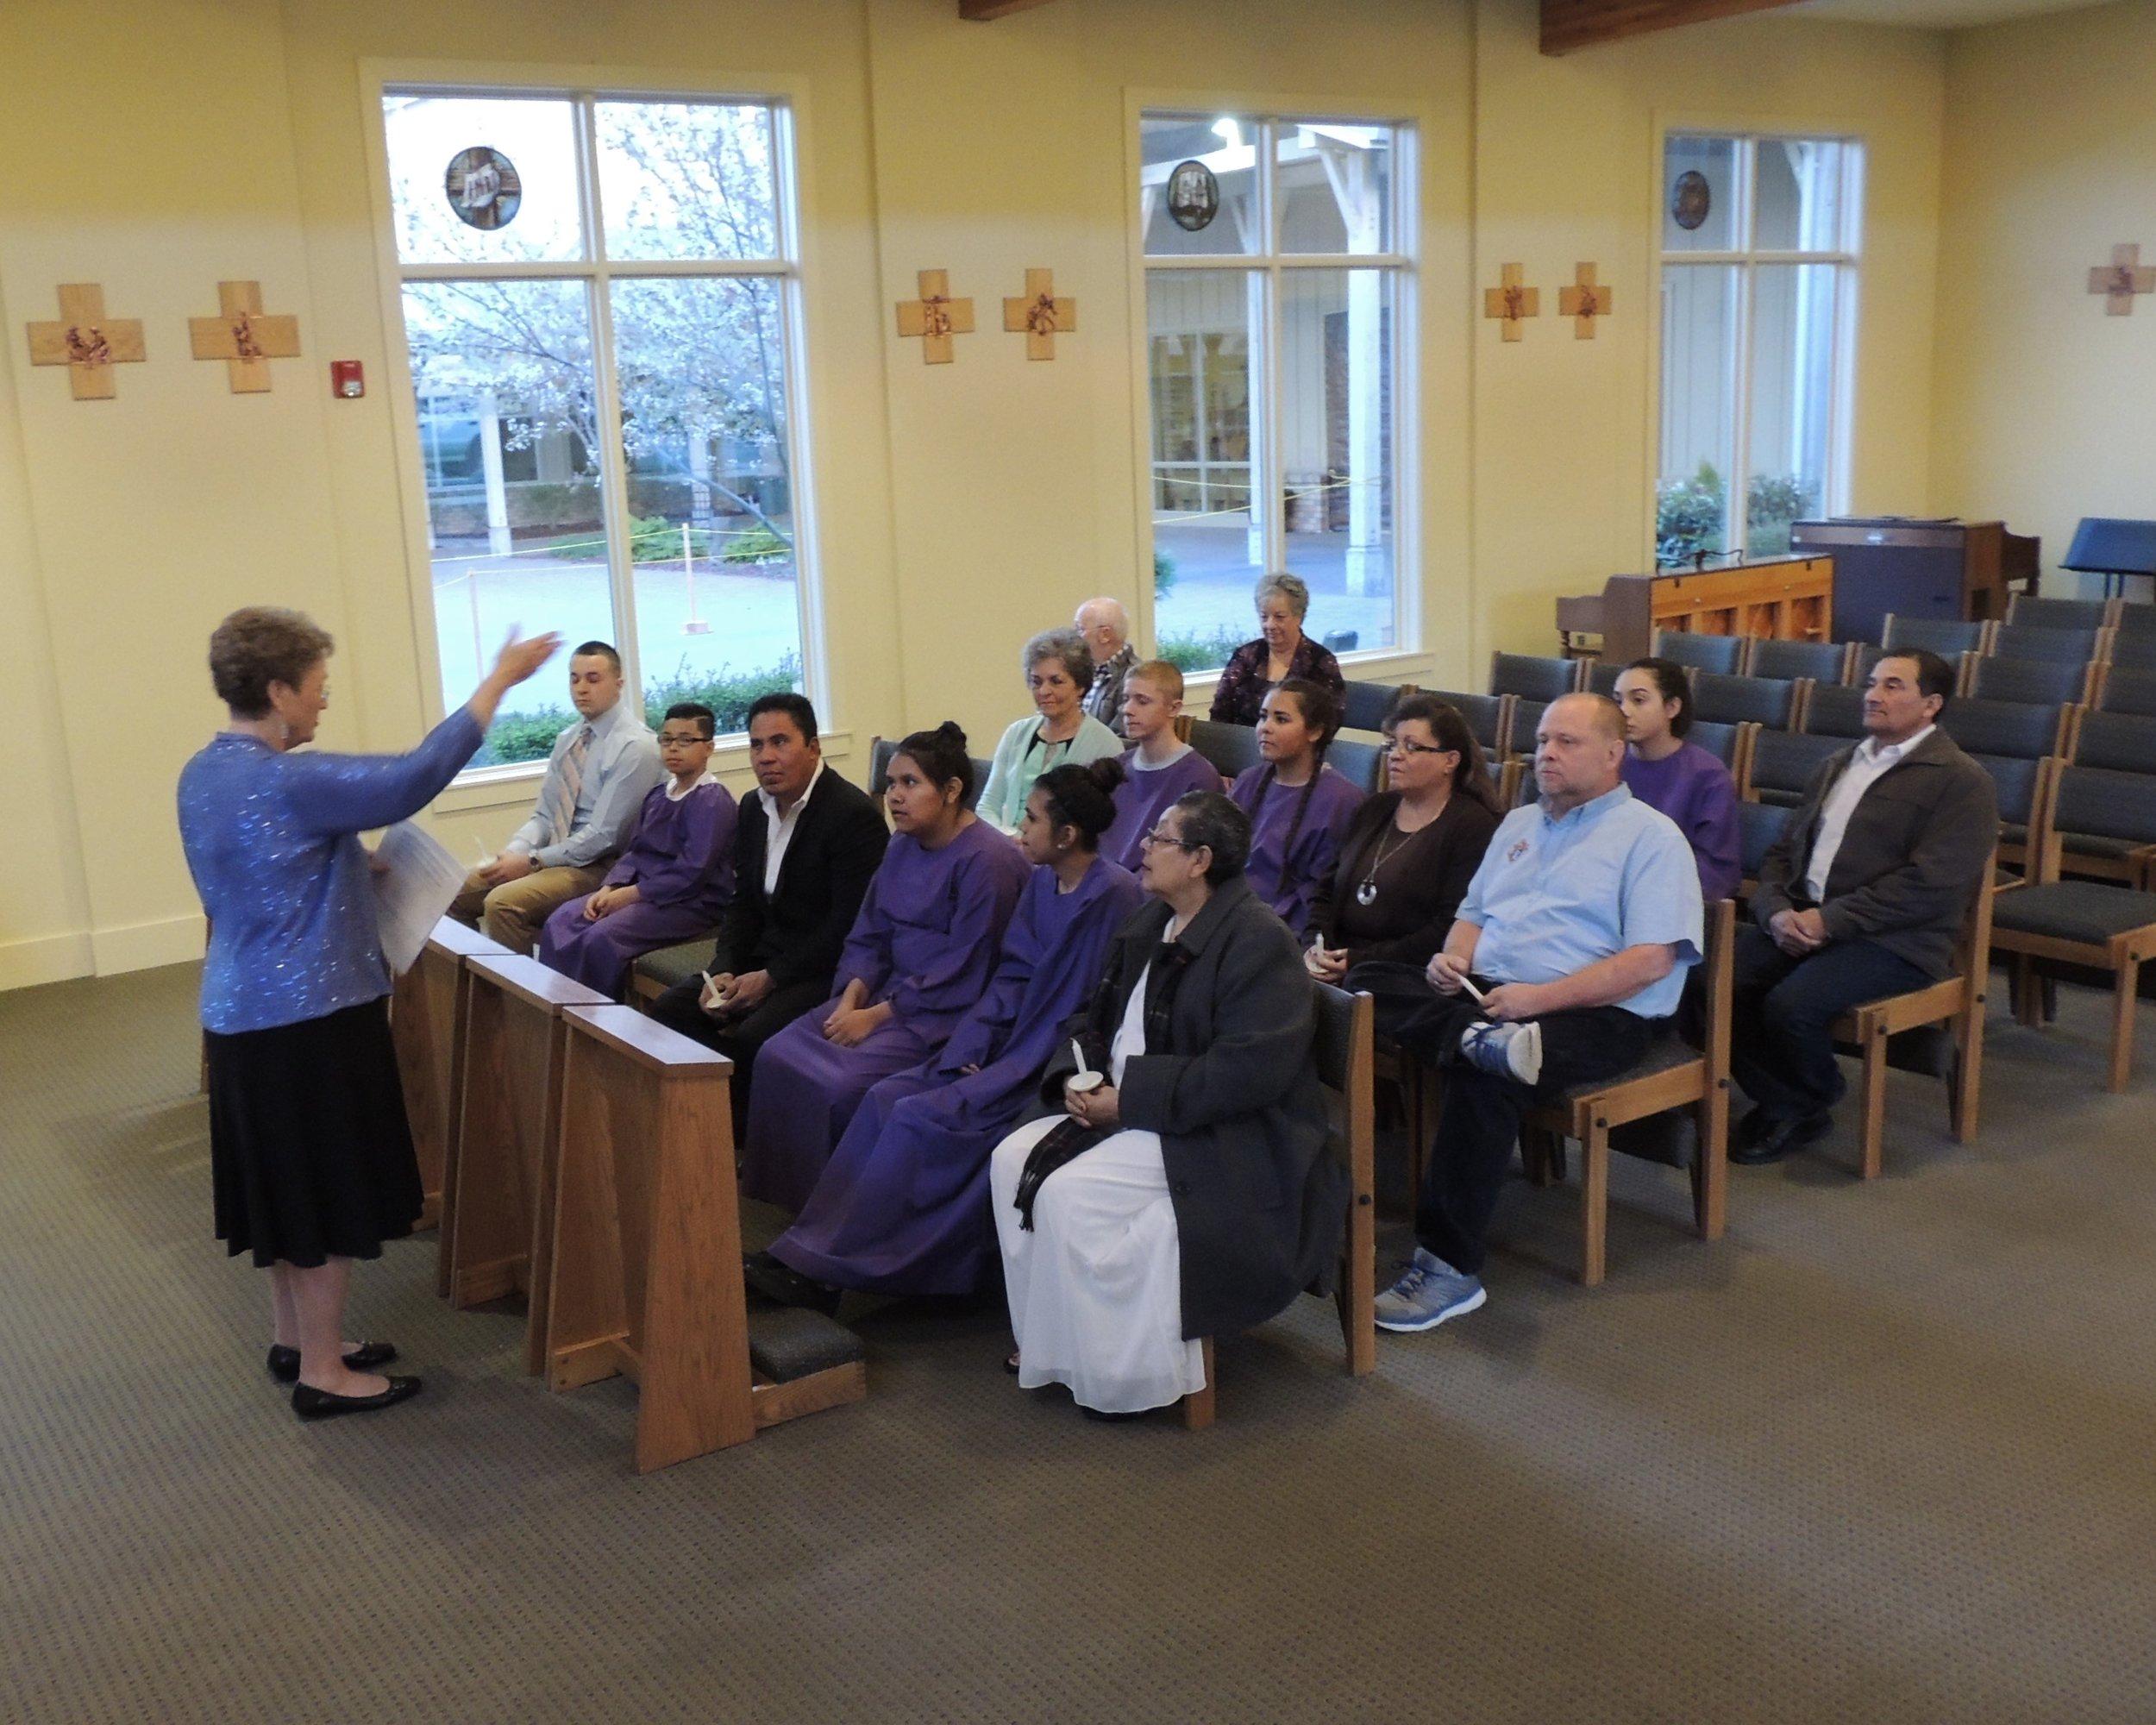 2017-0415-088-Vig-KayShepard-Chapel.jpg